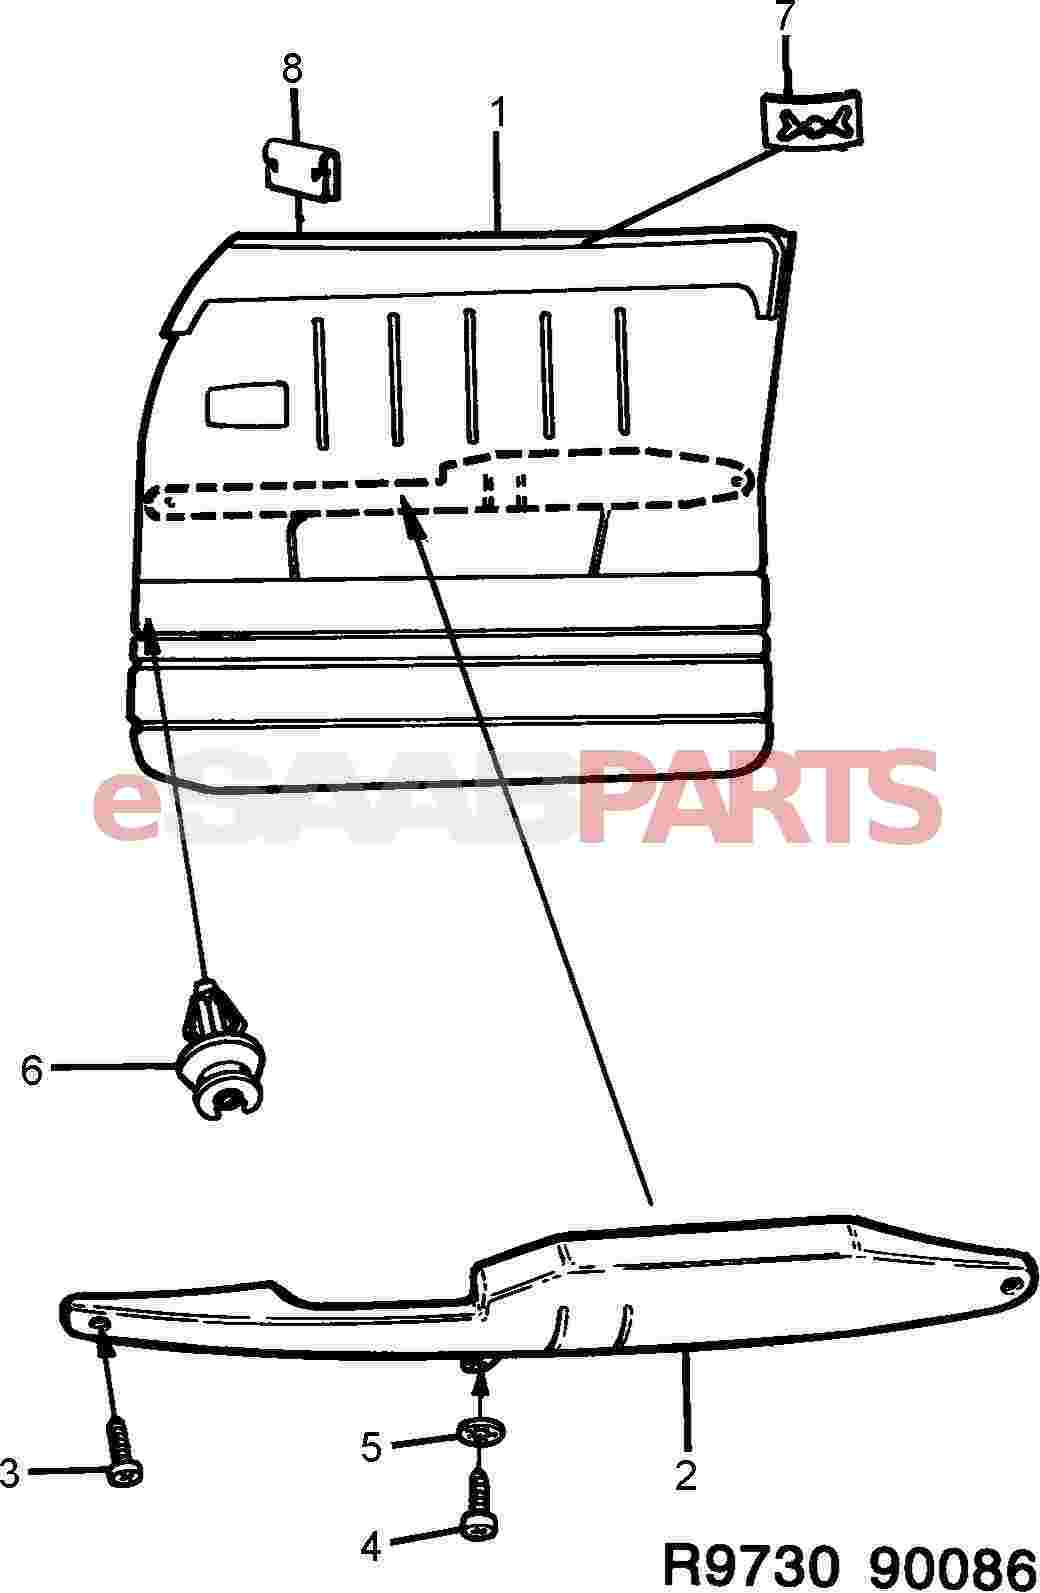 eSaabParts com - Saab 900 > Car Body: Internal Parts